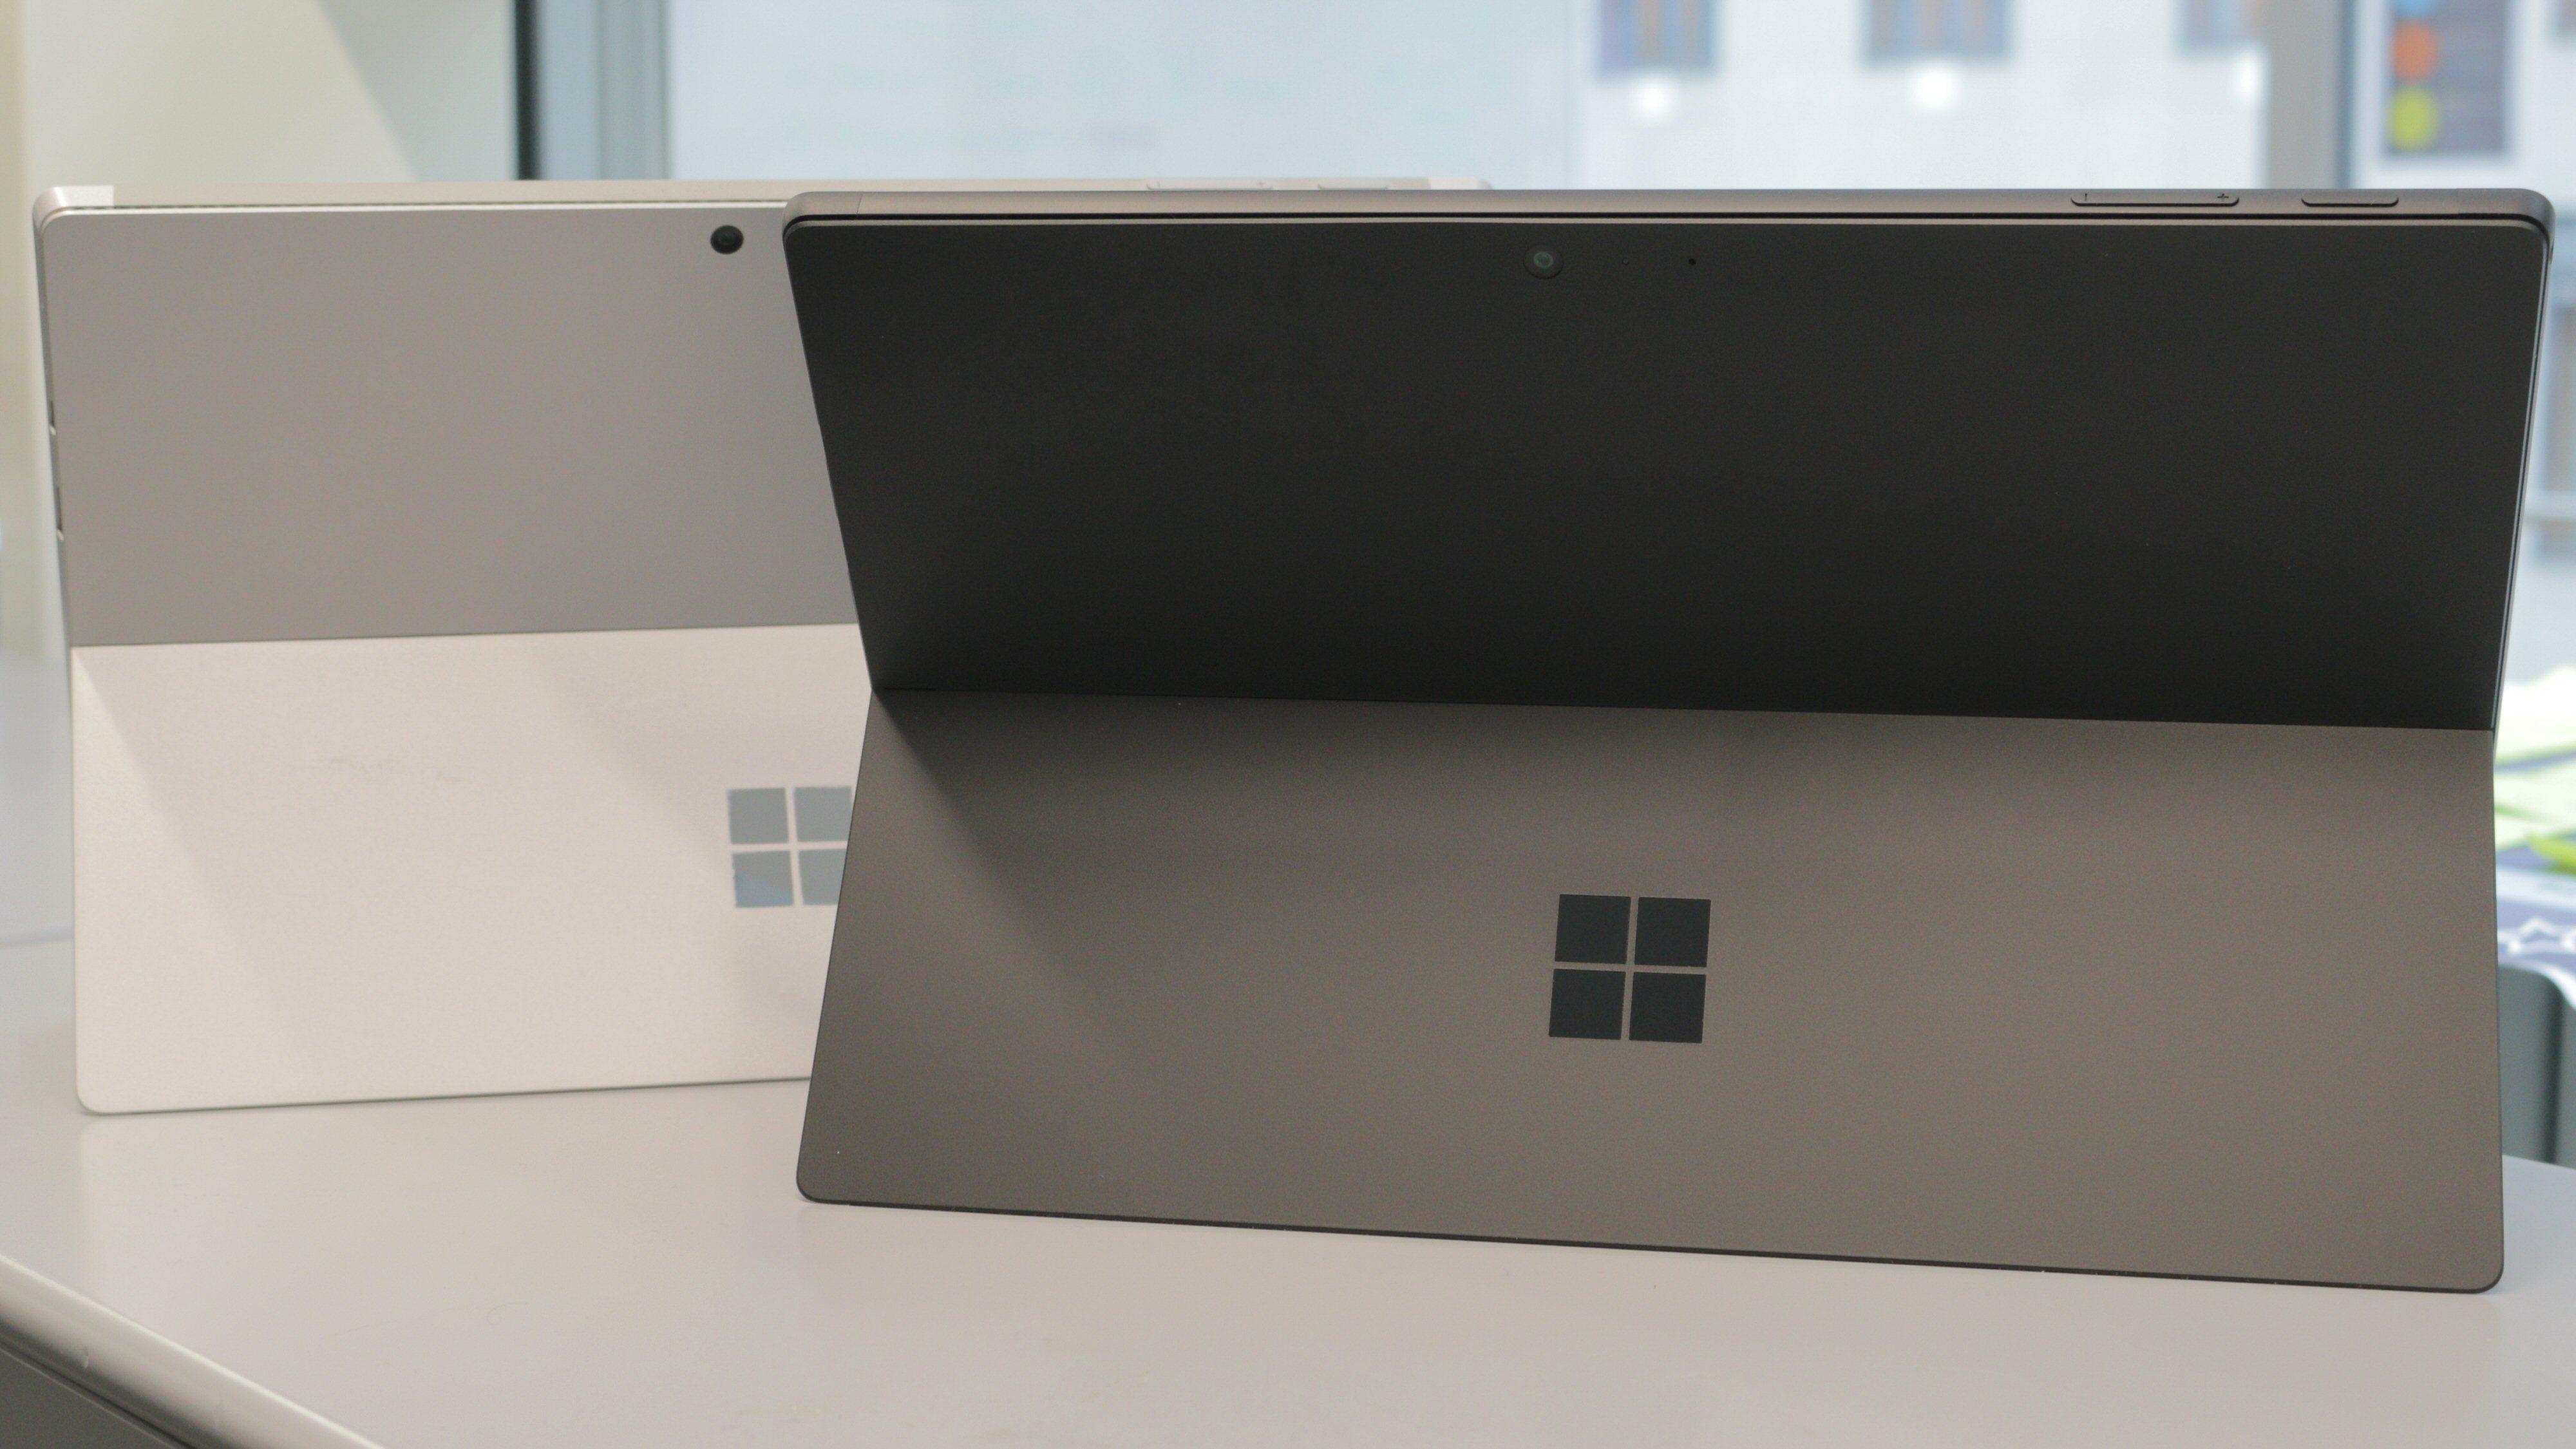 Mørk Surface Pro? Da kan du ikke gå for grunnmodellen.